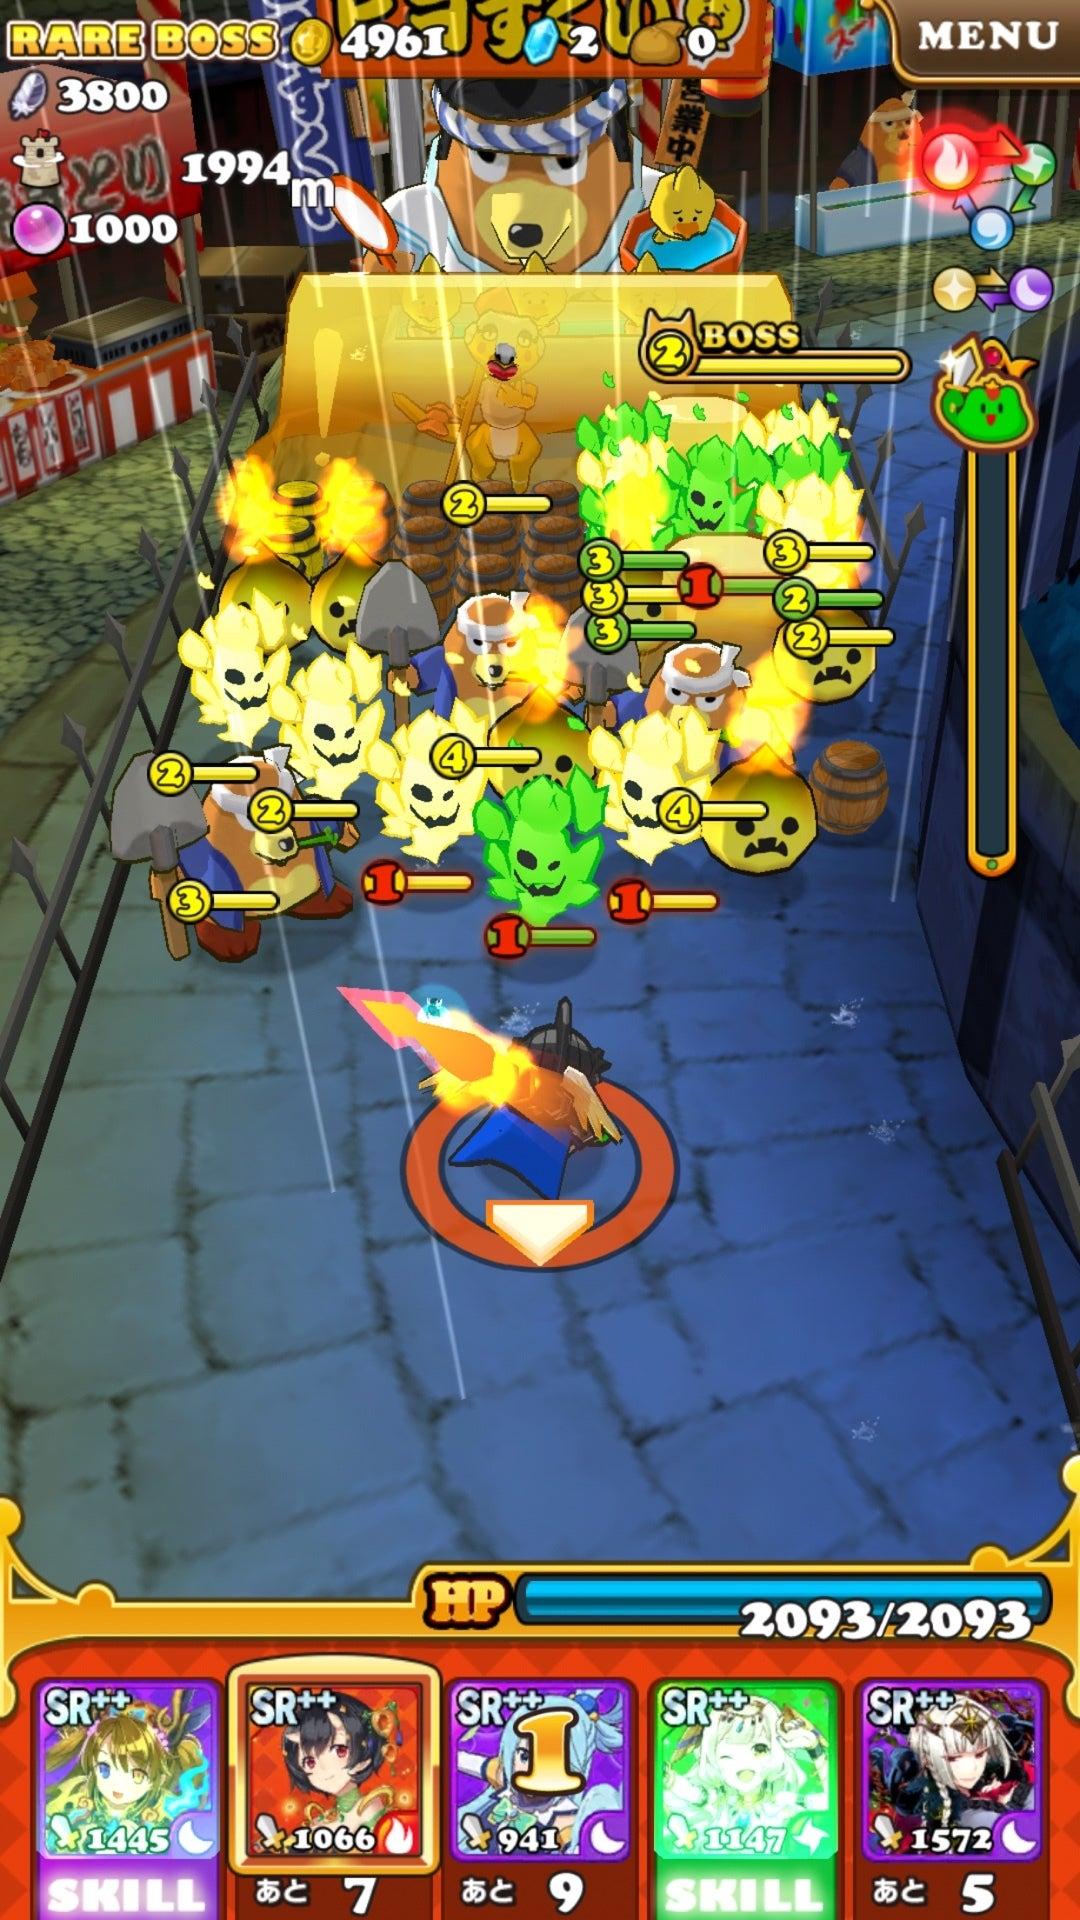 レアボス攻略の画像